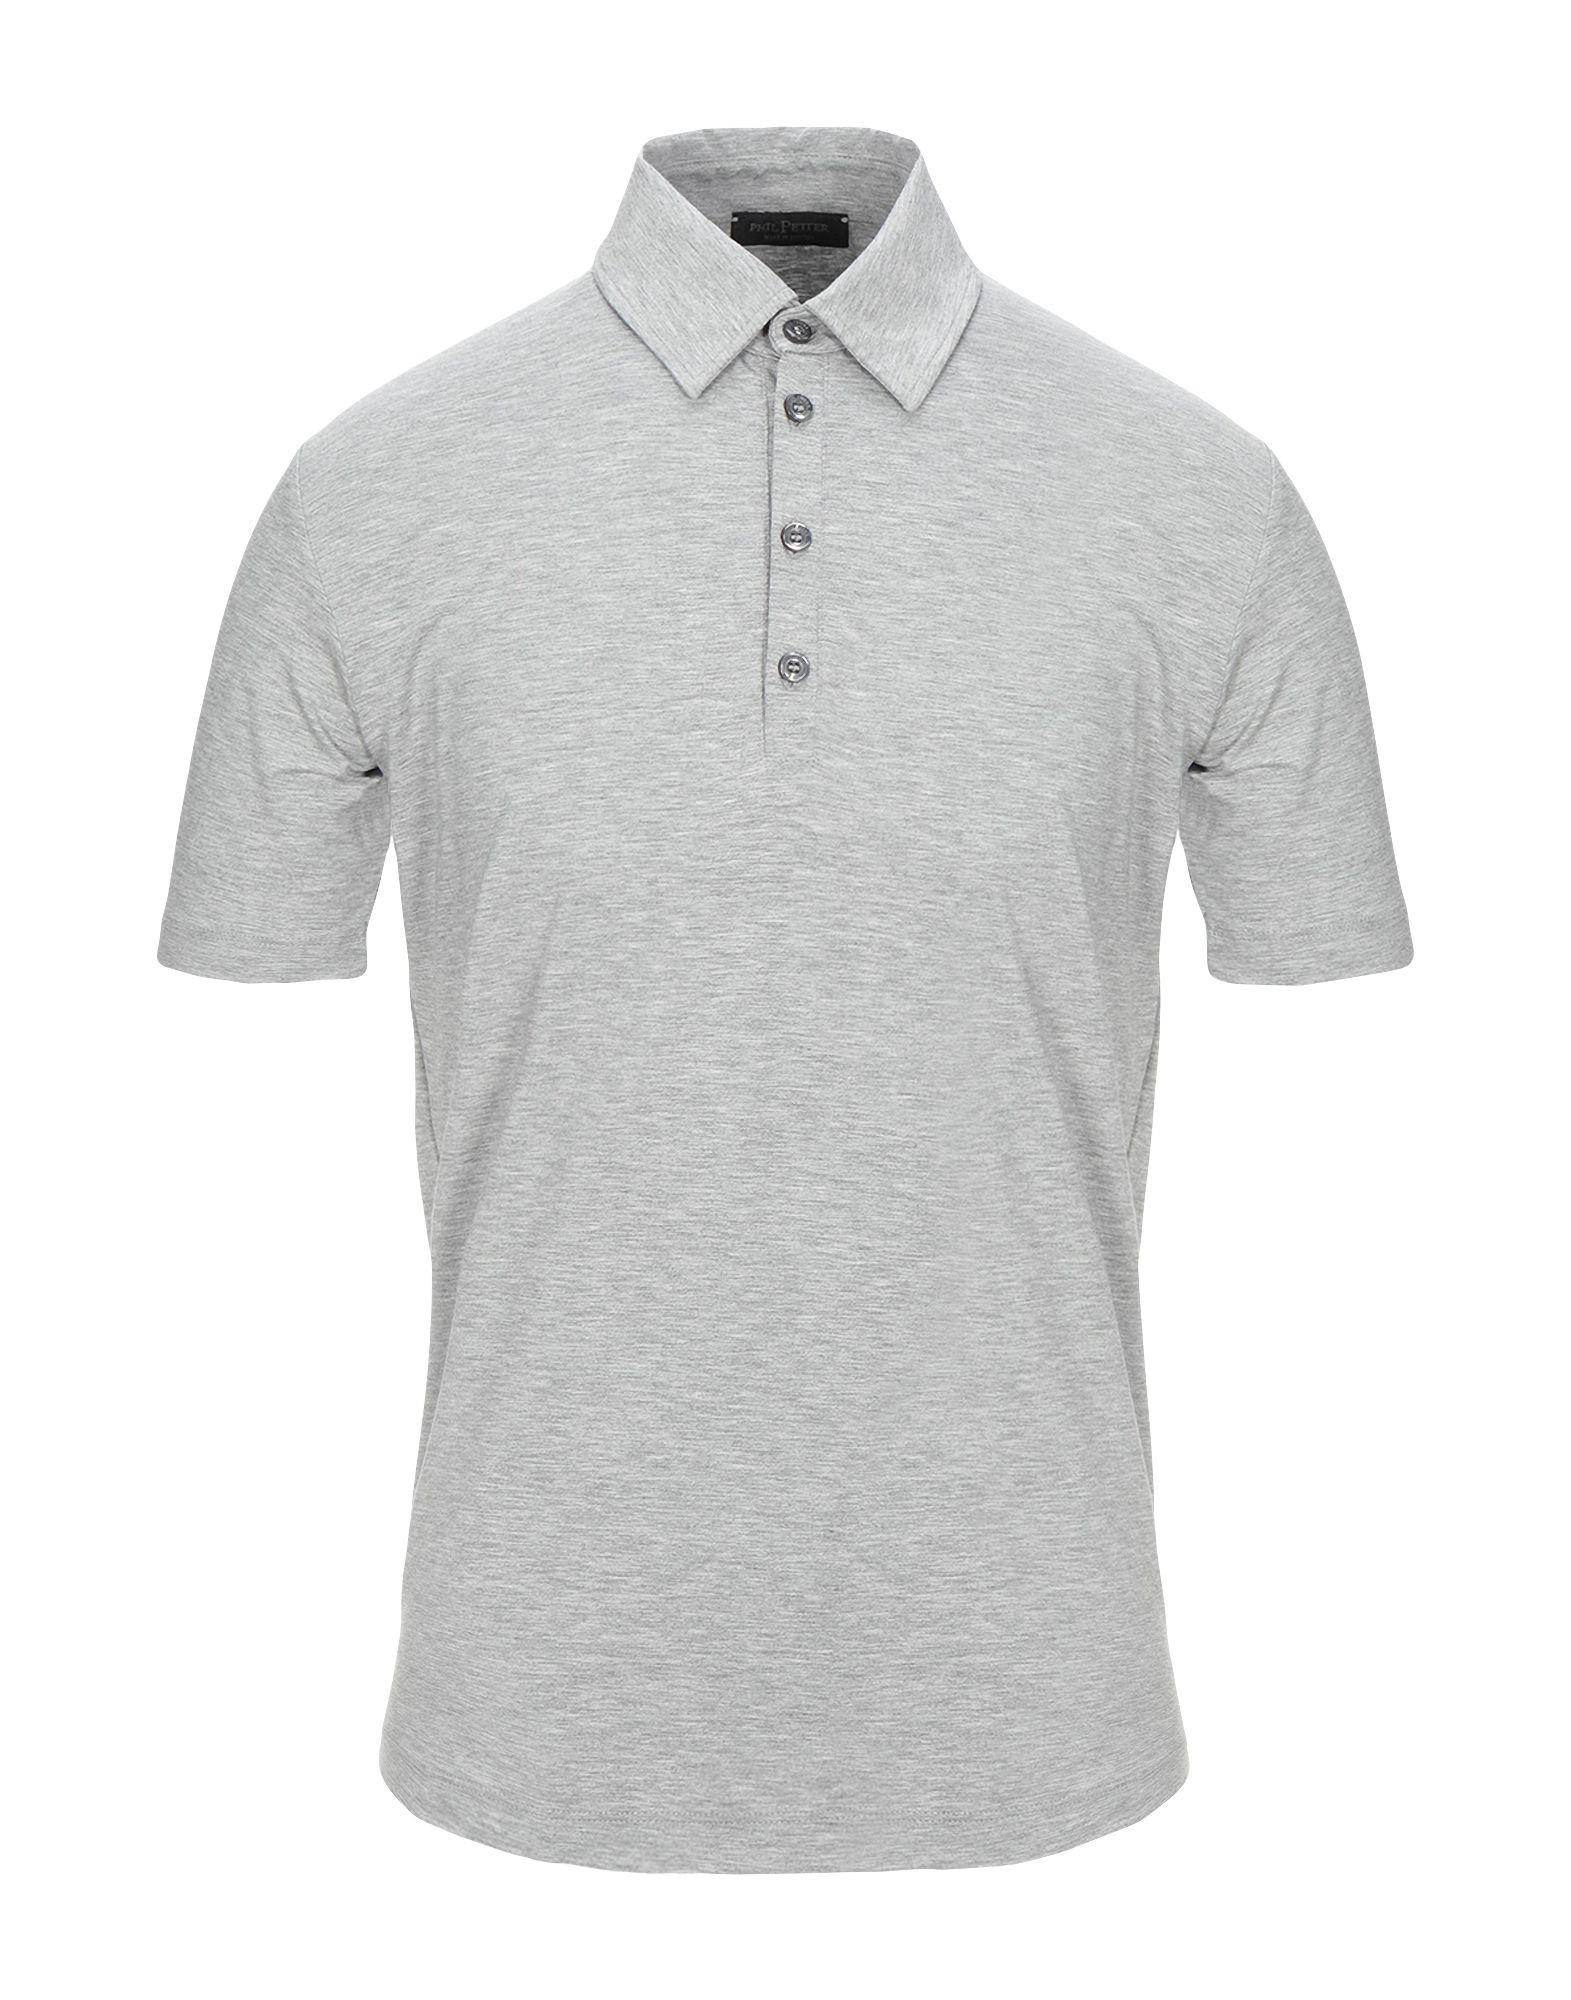 《セール開催中》PHIL PETTER メンズ ポロシャツ グレー S レーヨン 93% / ポリウレタン 7%